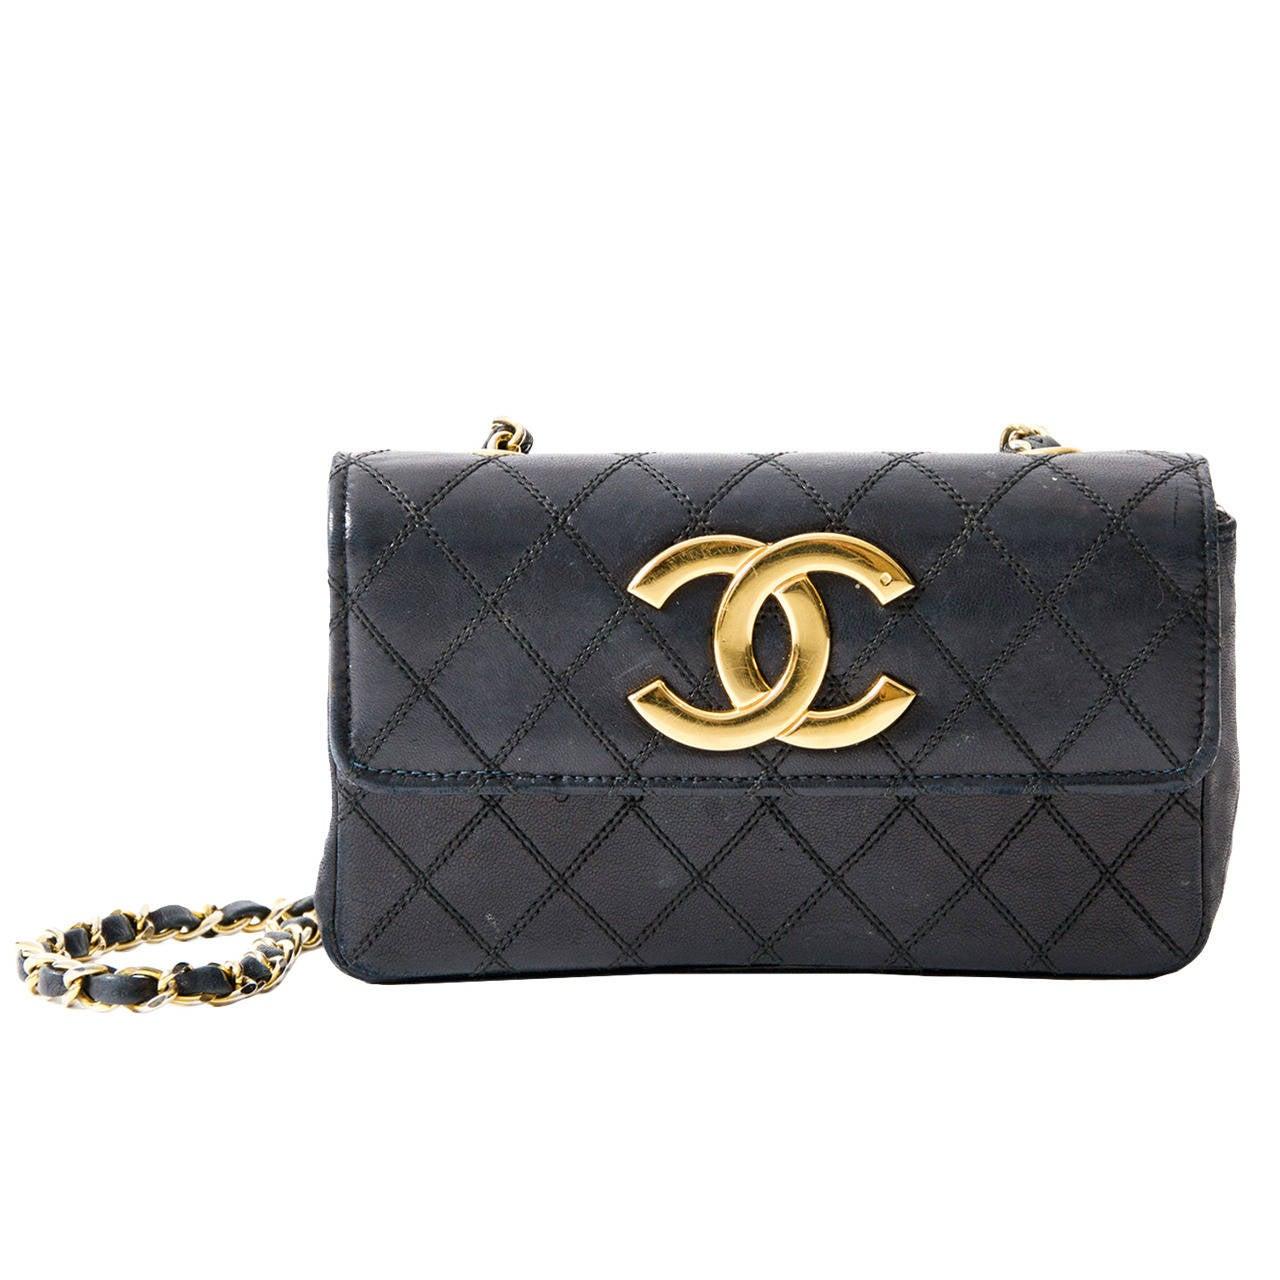 Chanel handbag superb vintage chanel bag vintage leather - Chanel Vintage Small Quilted Black Flap Bag 1